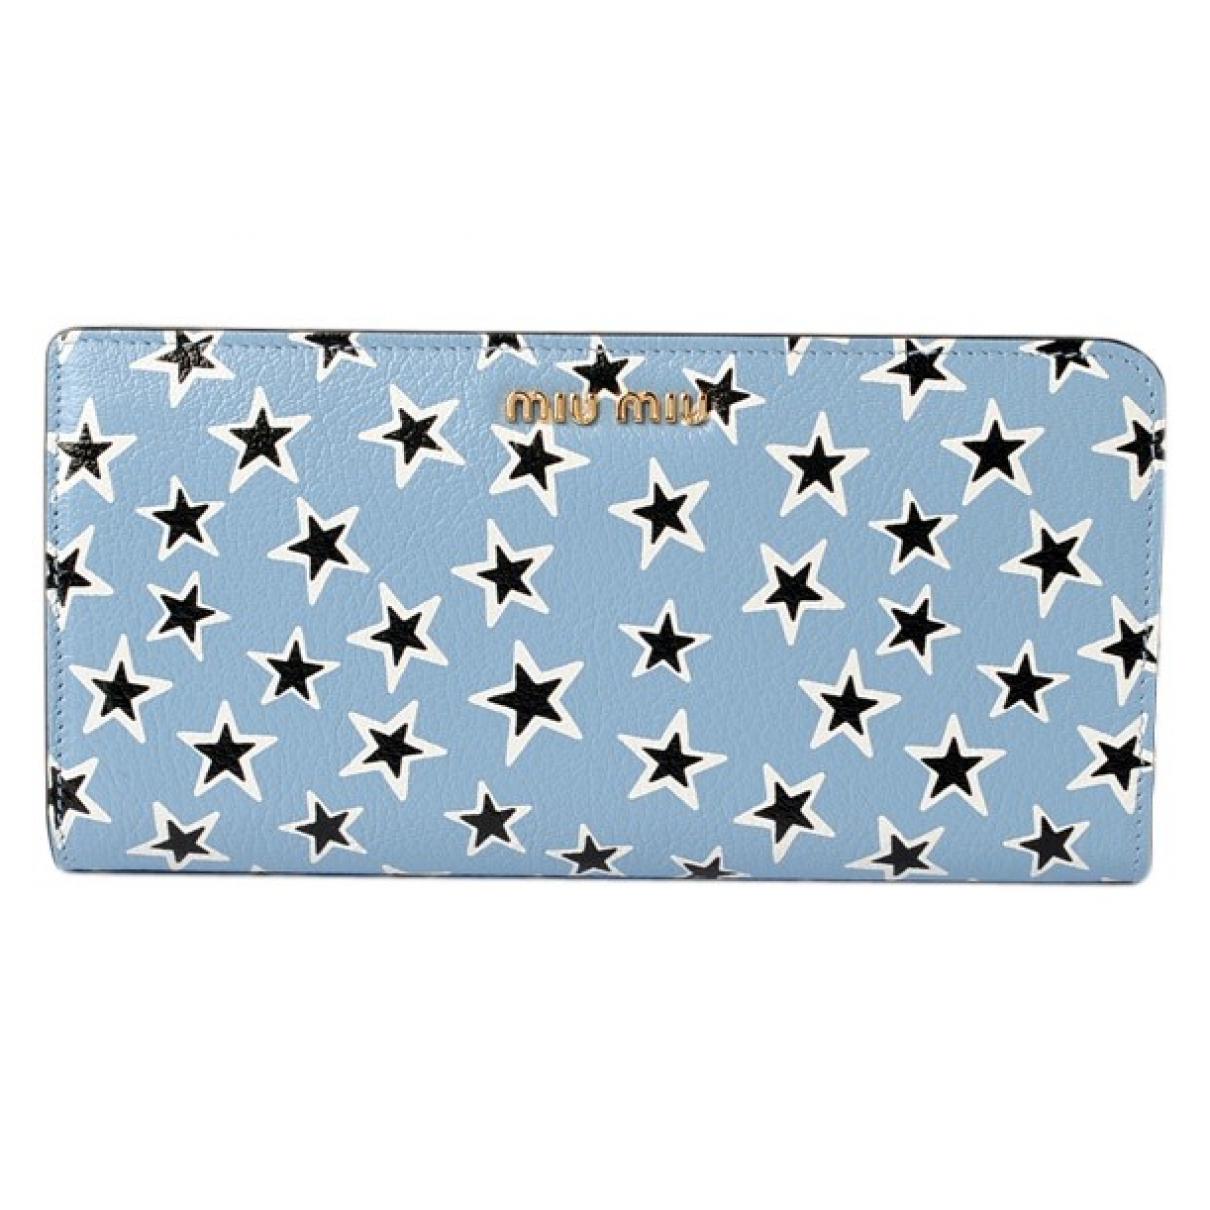 Miu Miu \N Blue Leather wallet for Women \N